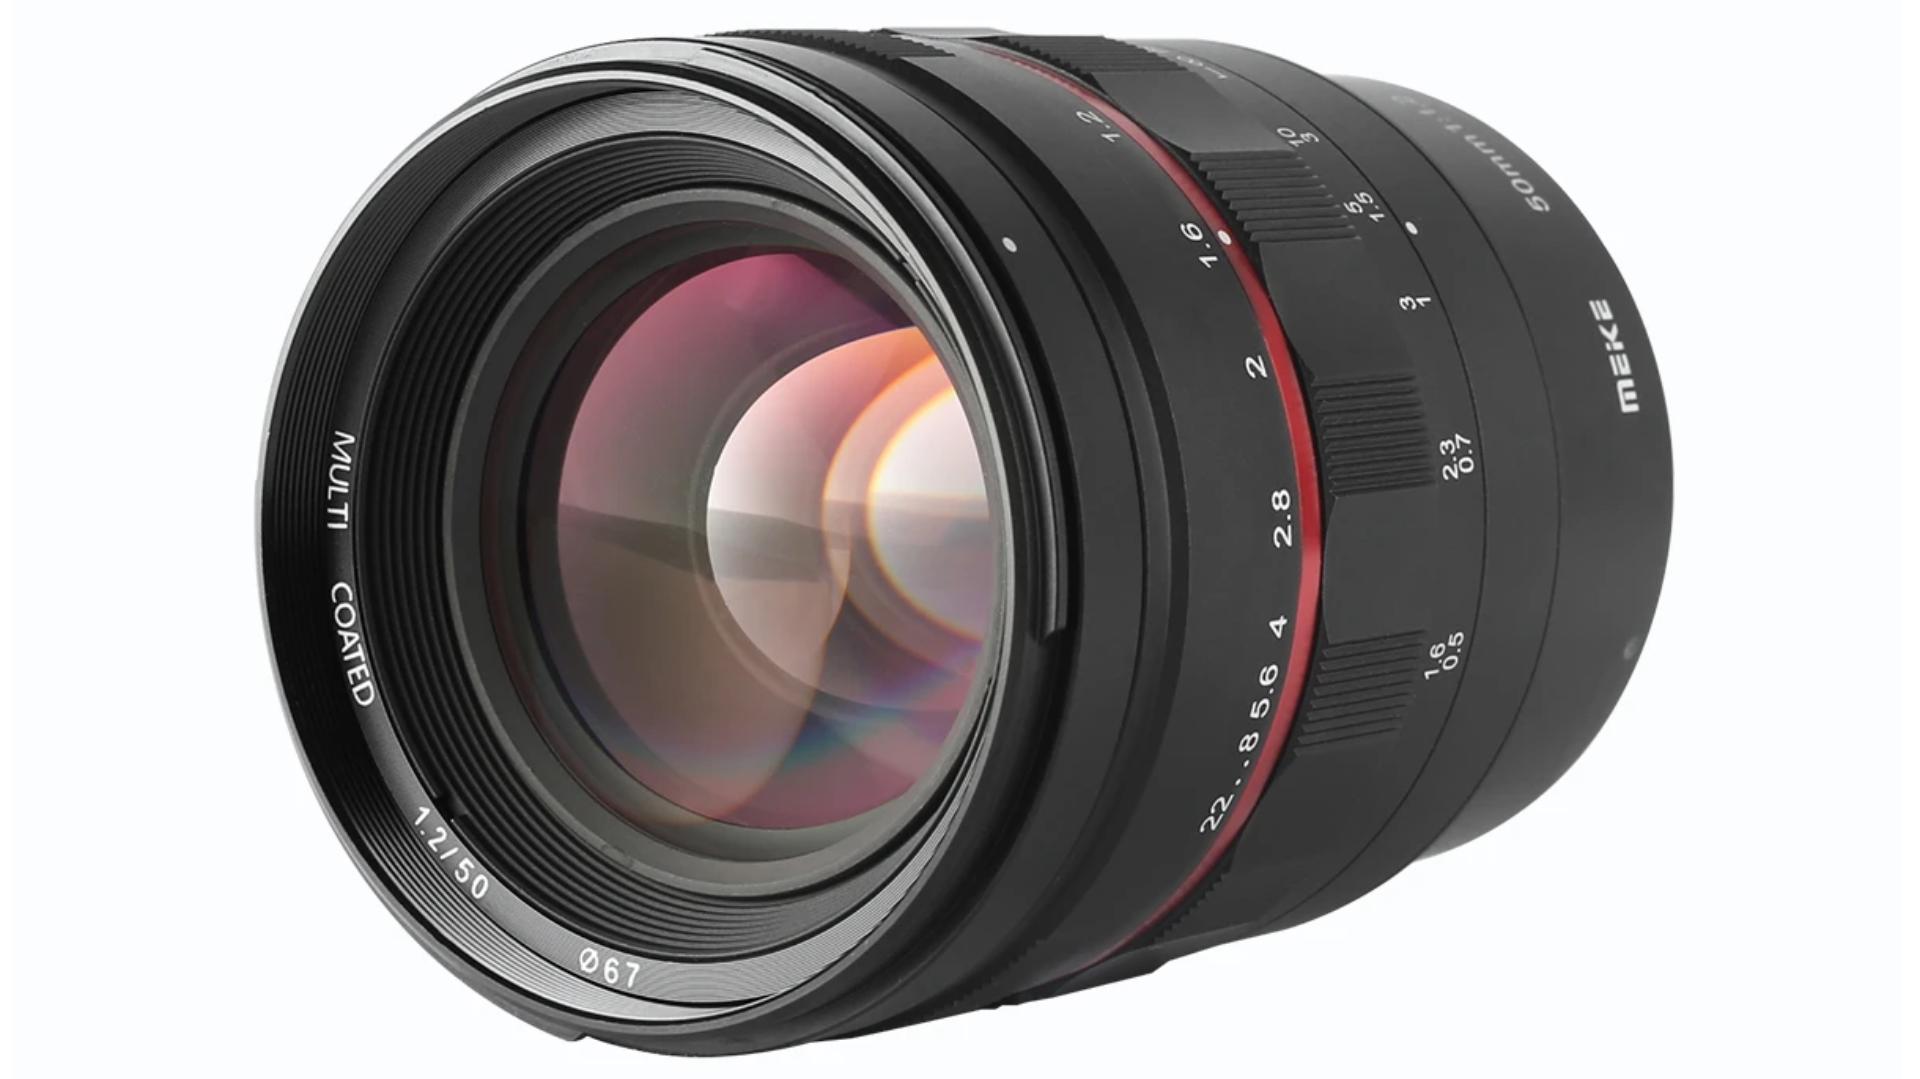 Nuevo lente prime Meike 50mm f/1.2  - Montura Canon RF y enfoque manual